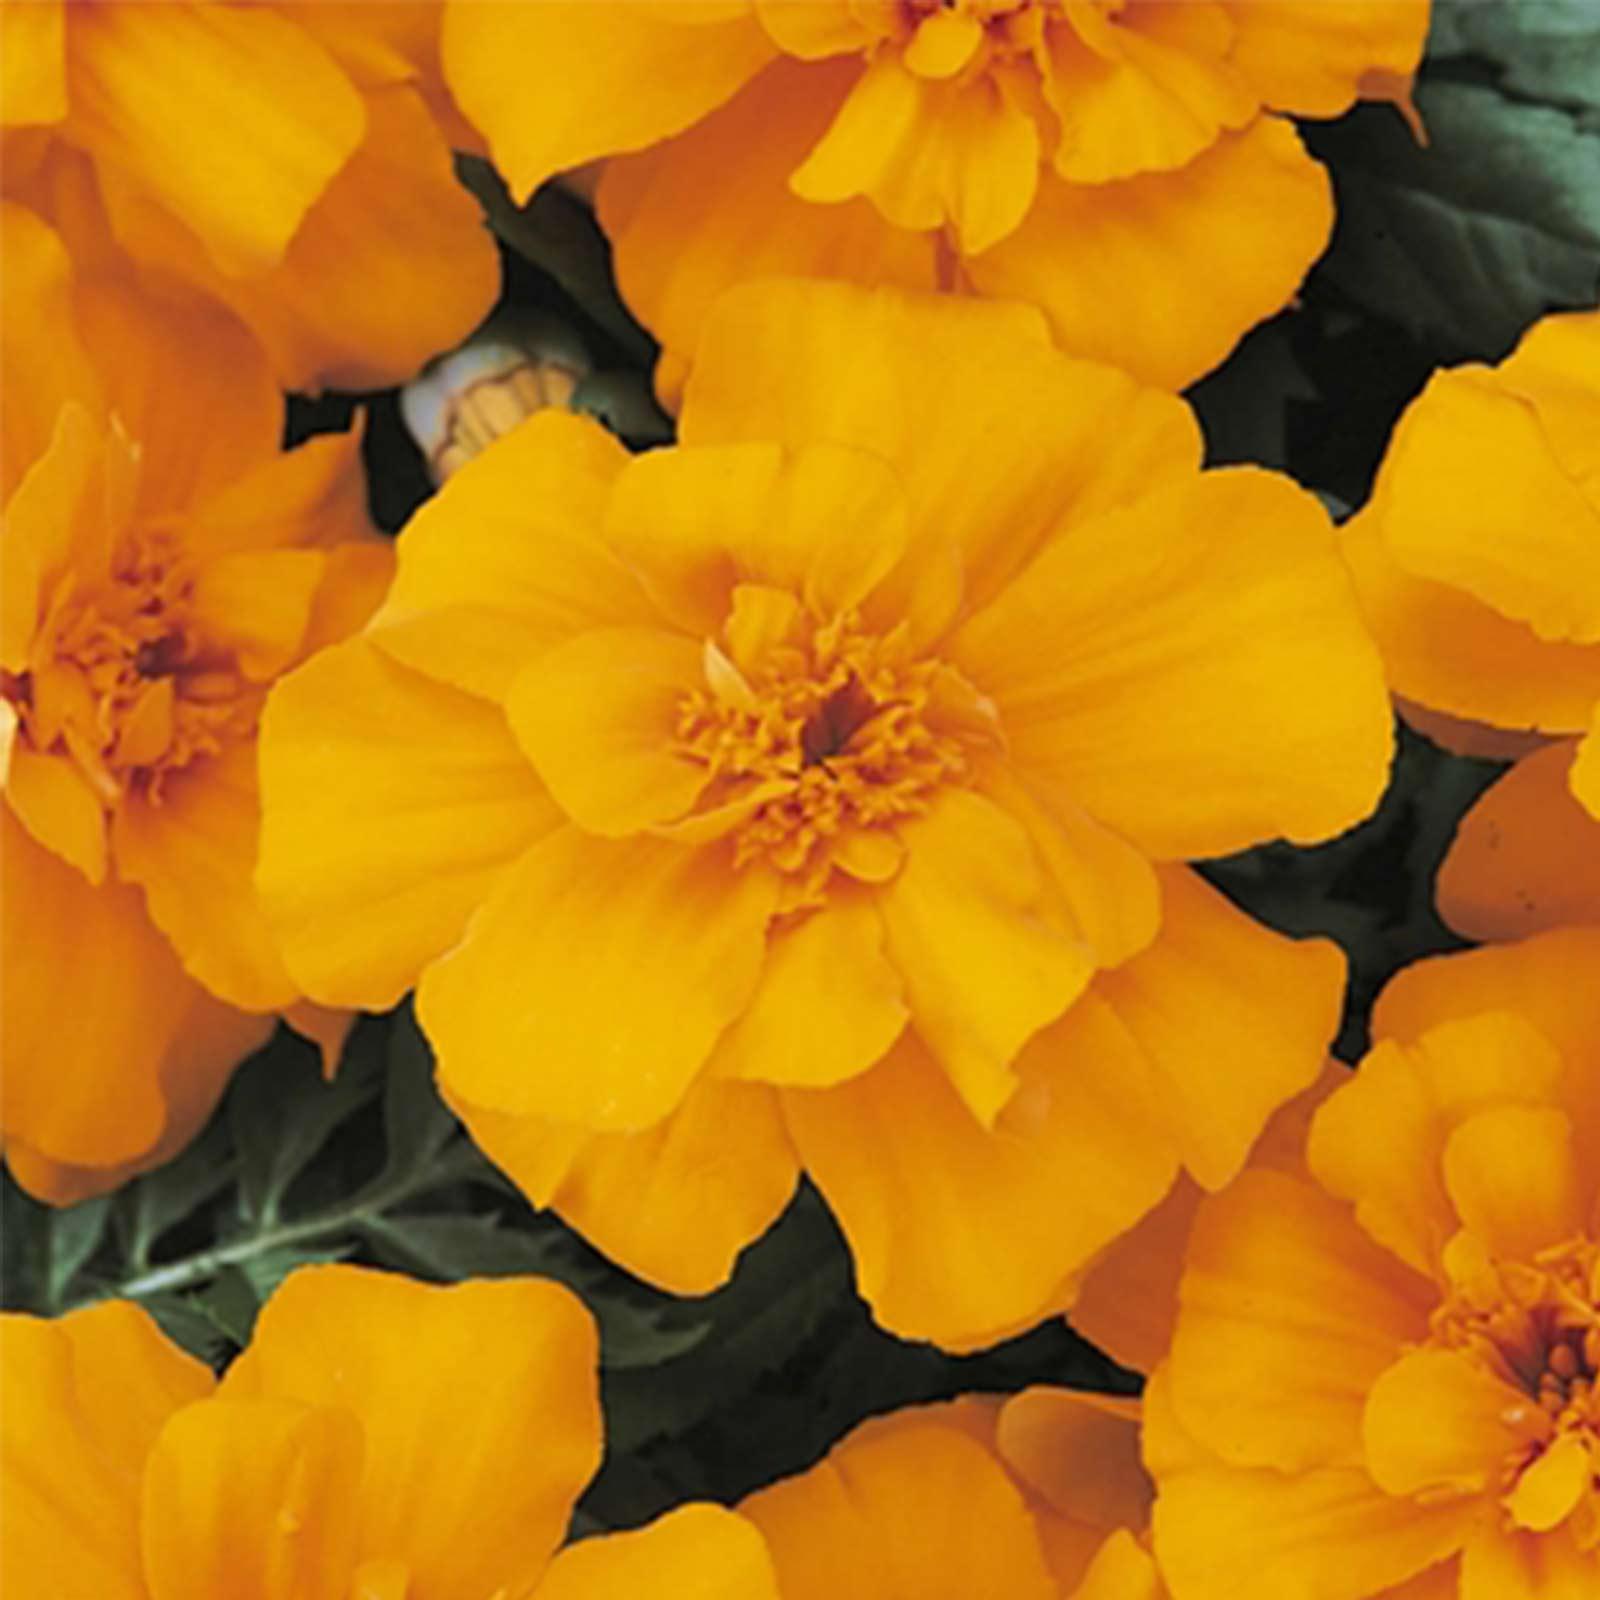 French Marigold Flower Garden Seeds Durango Series Orange Non